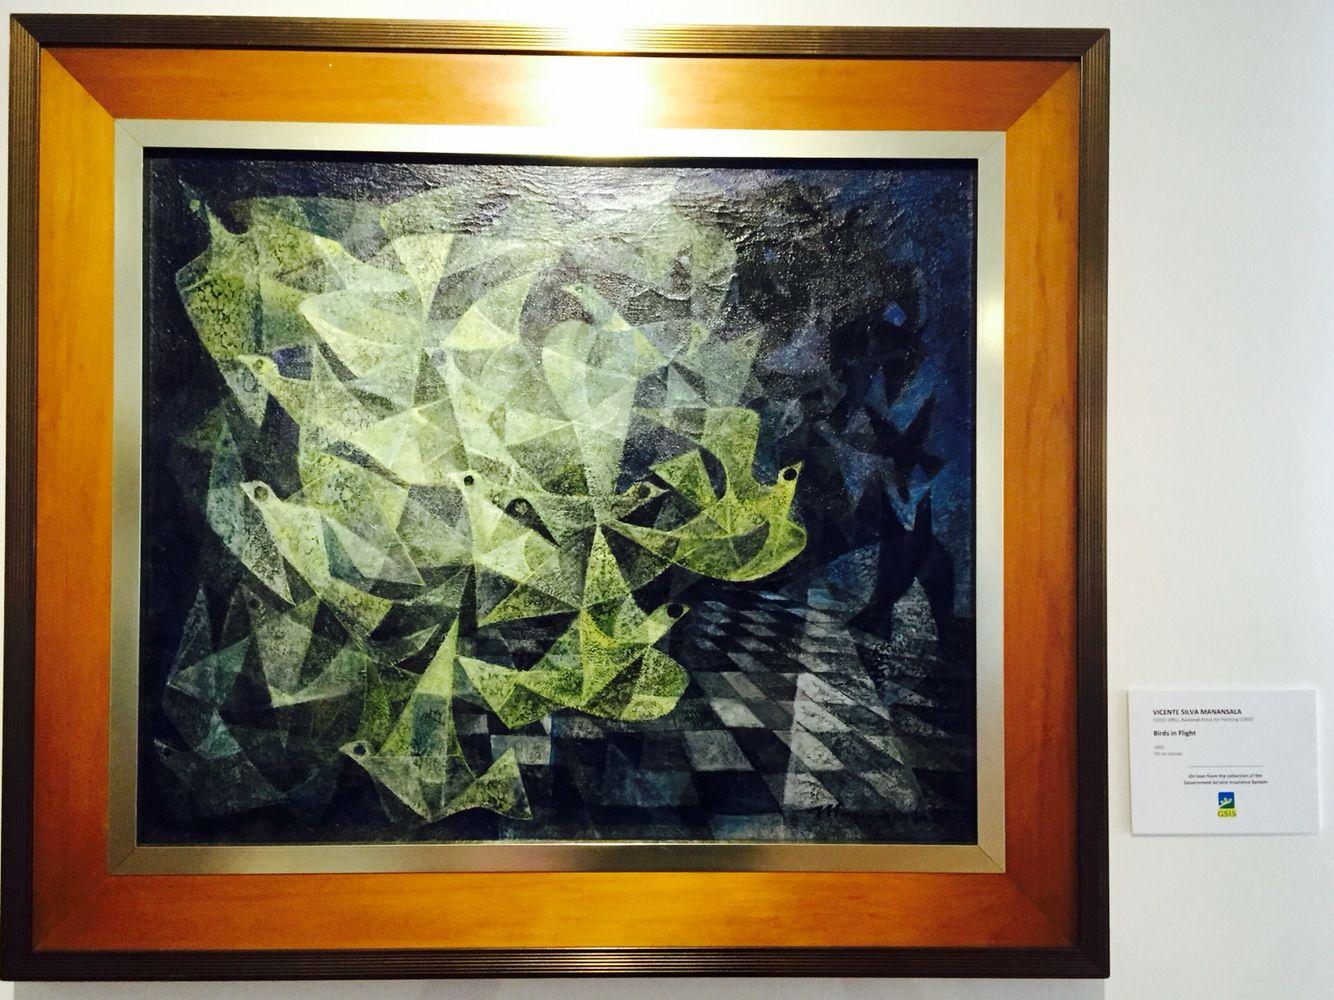 Birds in Flight by Vicente Silva Manansala art painting